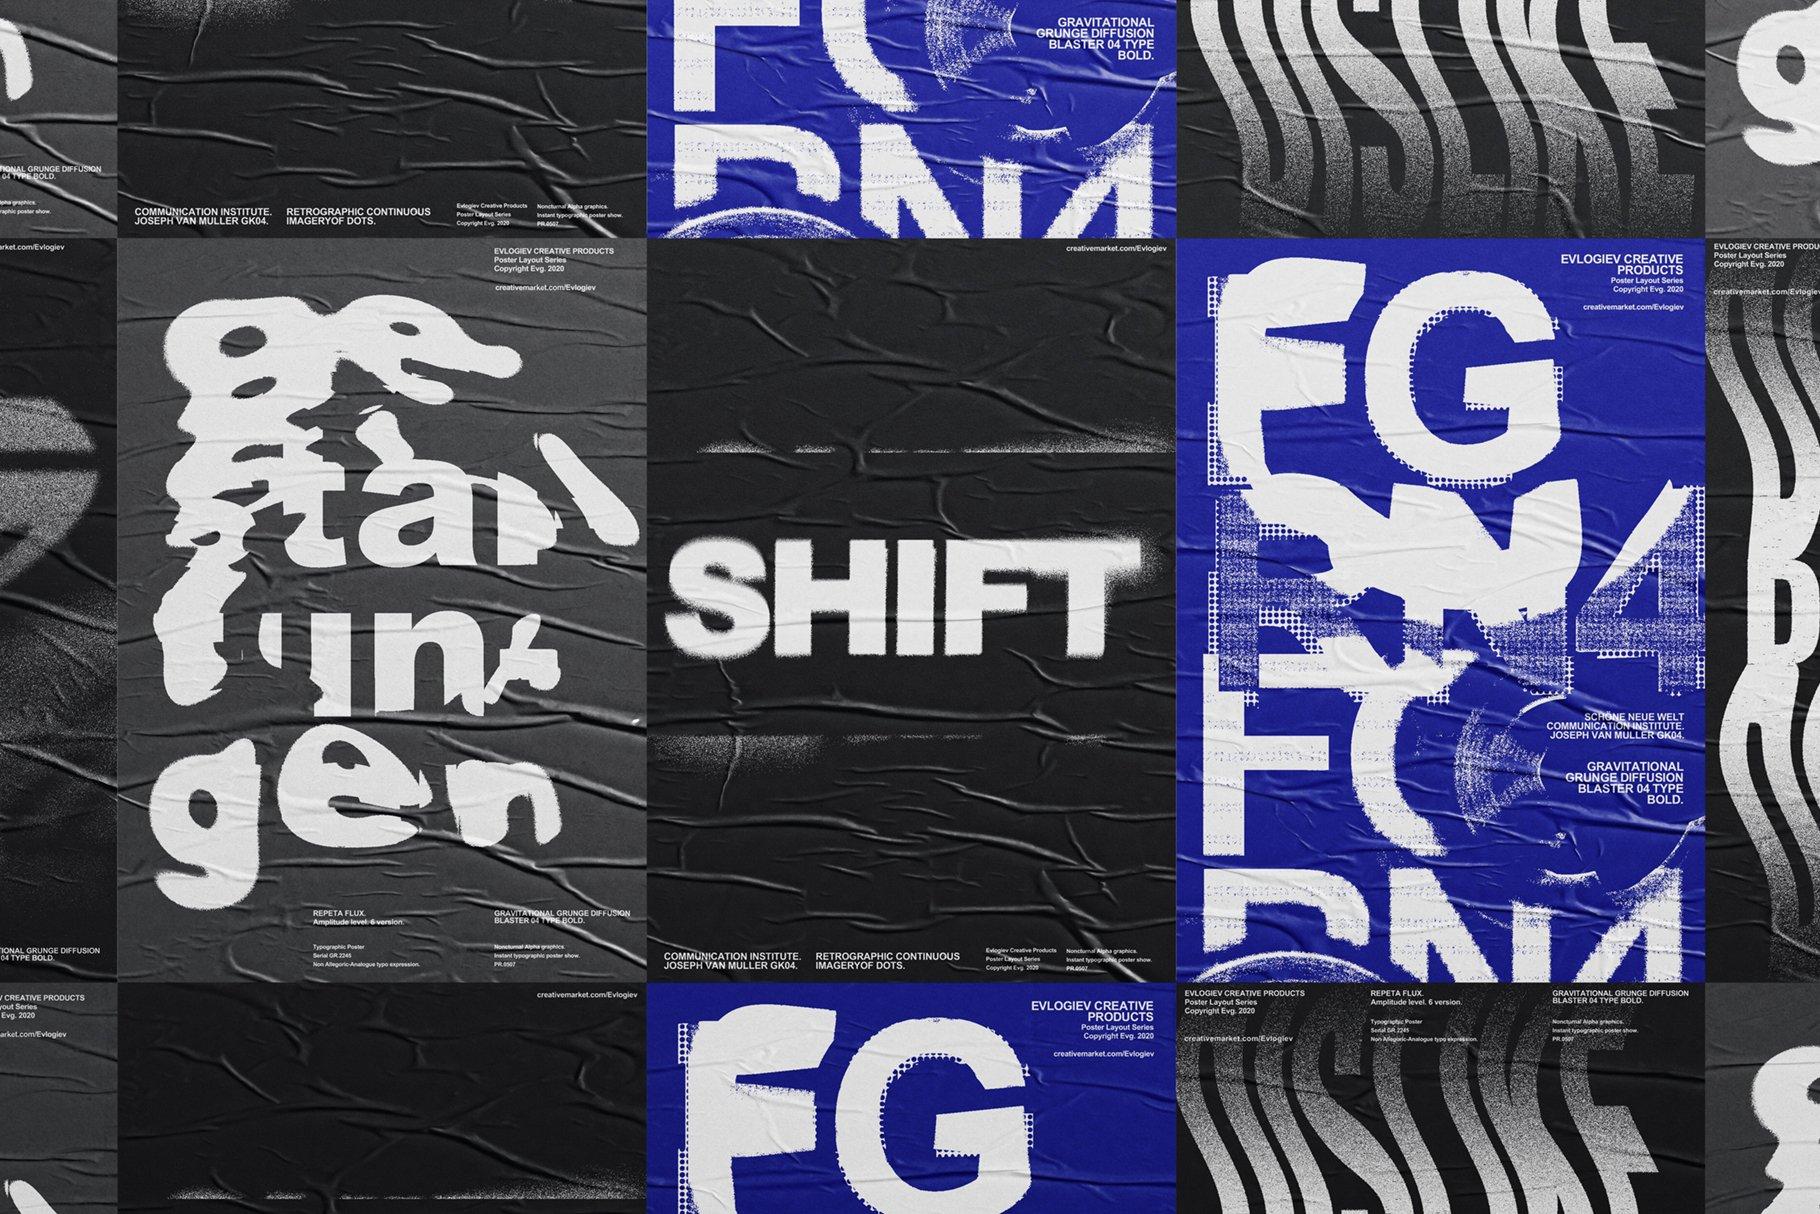 20款创意抽象主视觉海报标题特效字体设计智能贴图样机模板 Typographic Poster Layouts No.01插图(12)